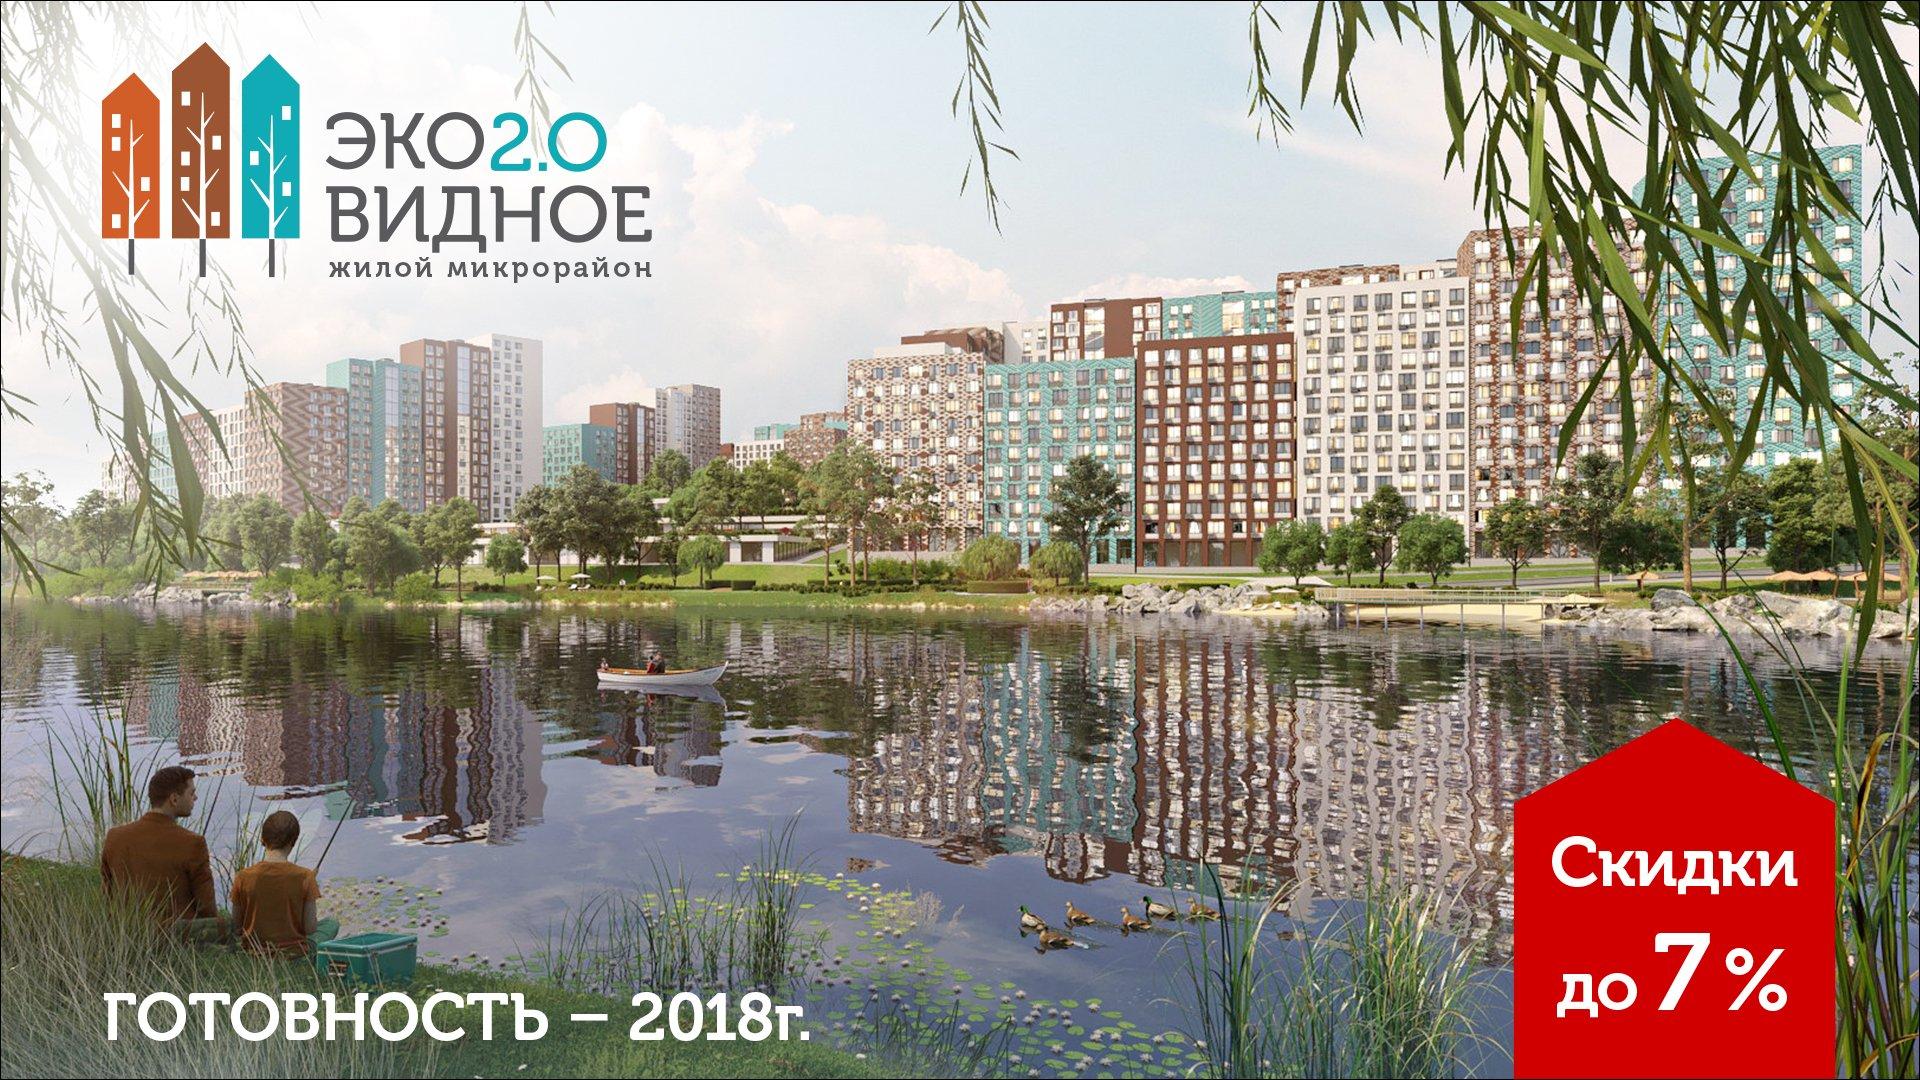 Череповецкий металлургический комбинат: стальной гигант размером с город (56 фото)